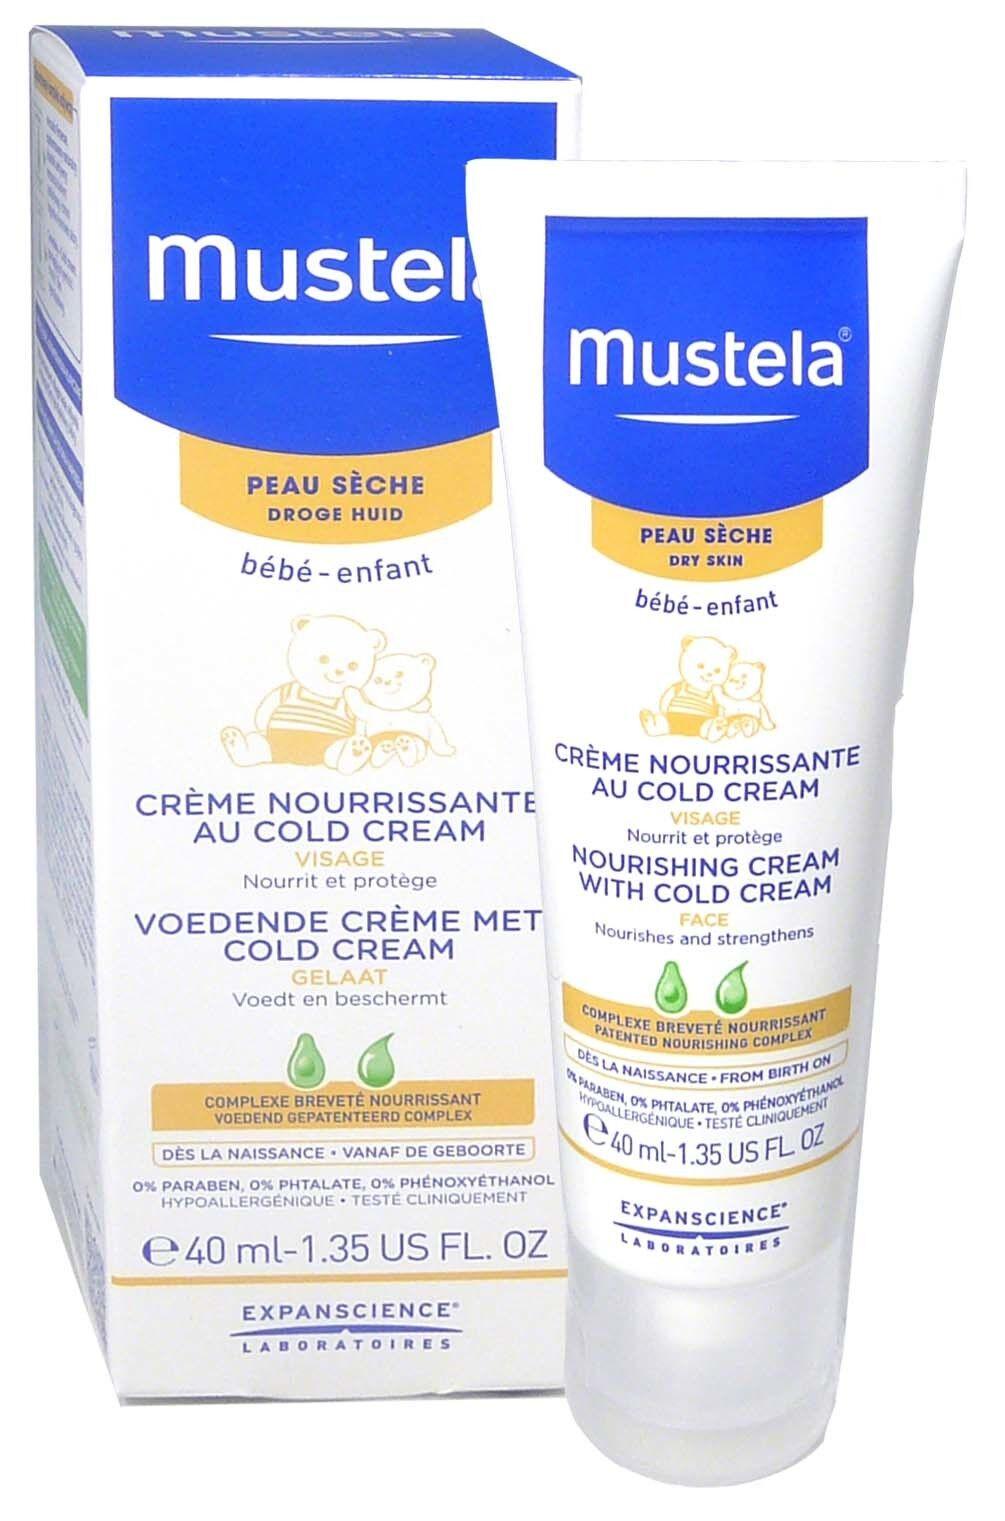 Mustela creme nourrissante cold cream 40ml